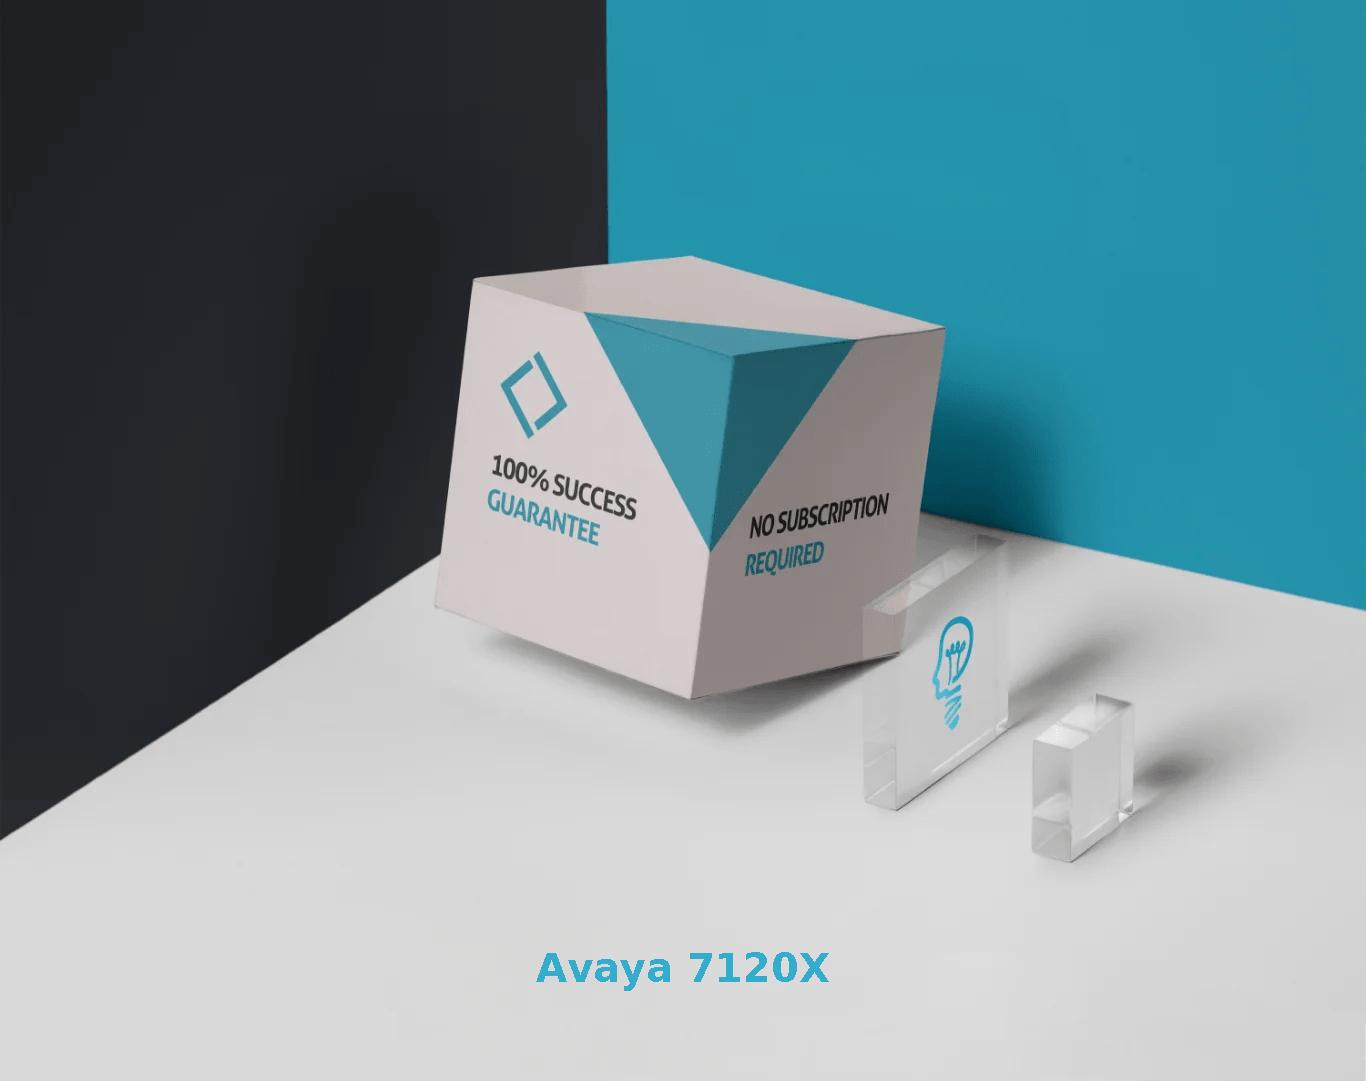 Avaya 7120X Exams